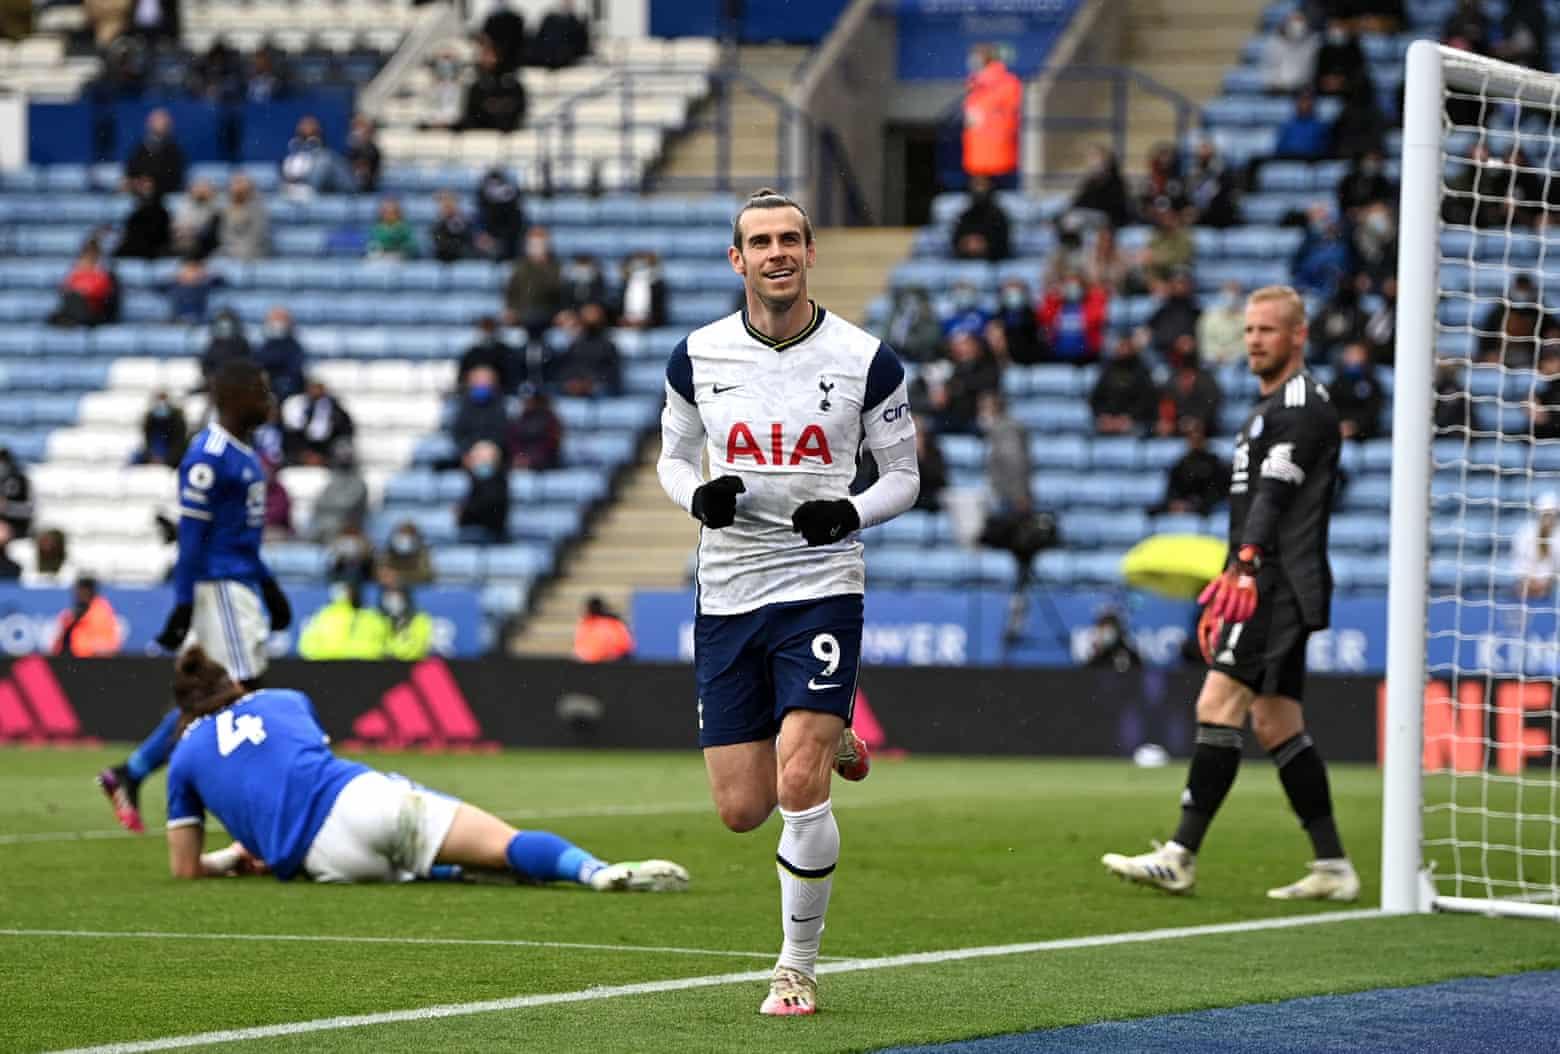 Bale masuk dari bangku cadangan dan mencetak dua gol untuk membantu Tottenham menang 4-2.  Foto: PA